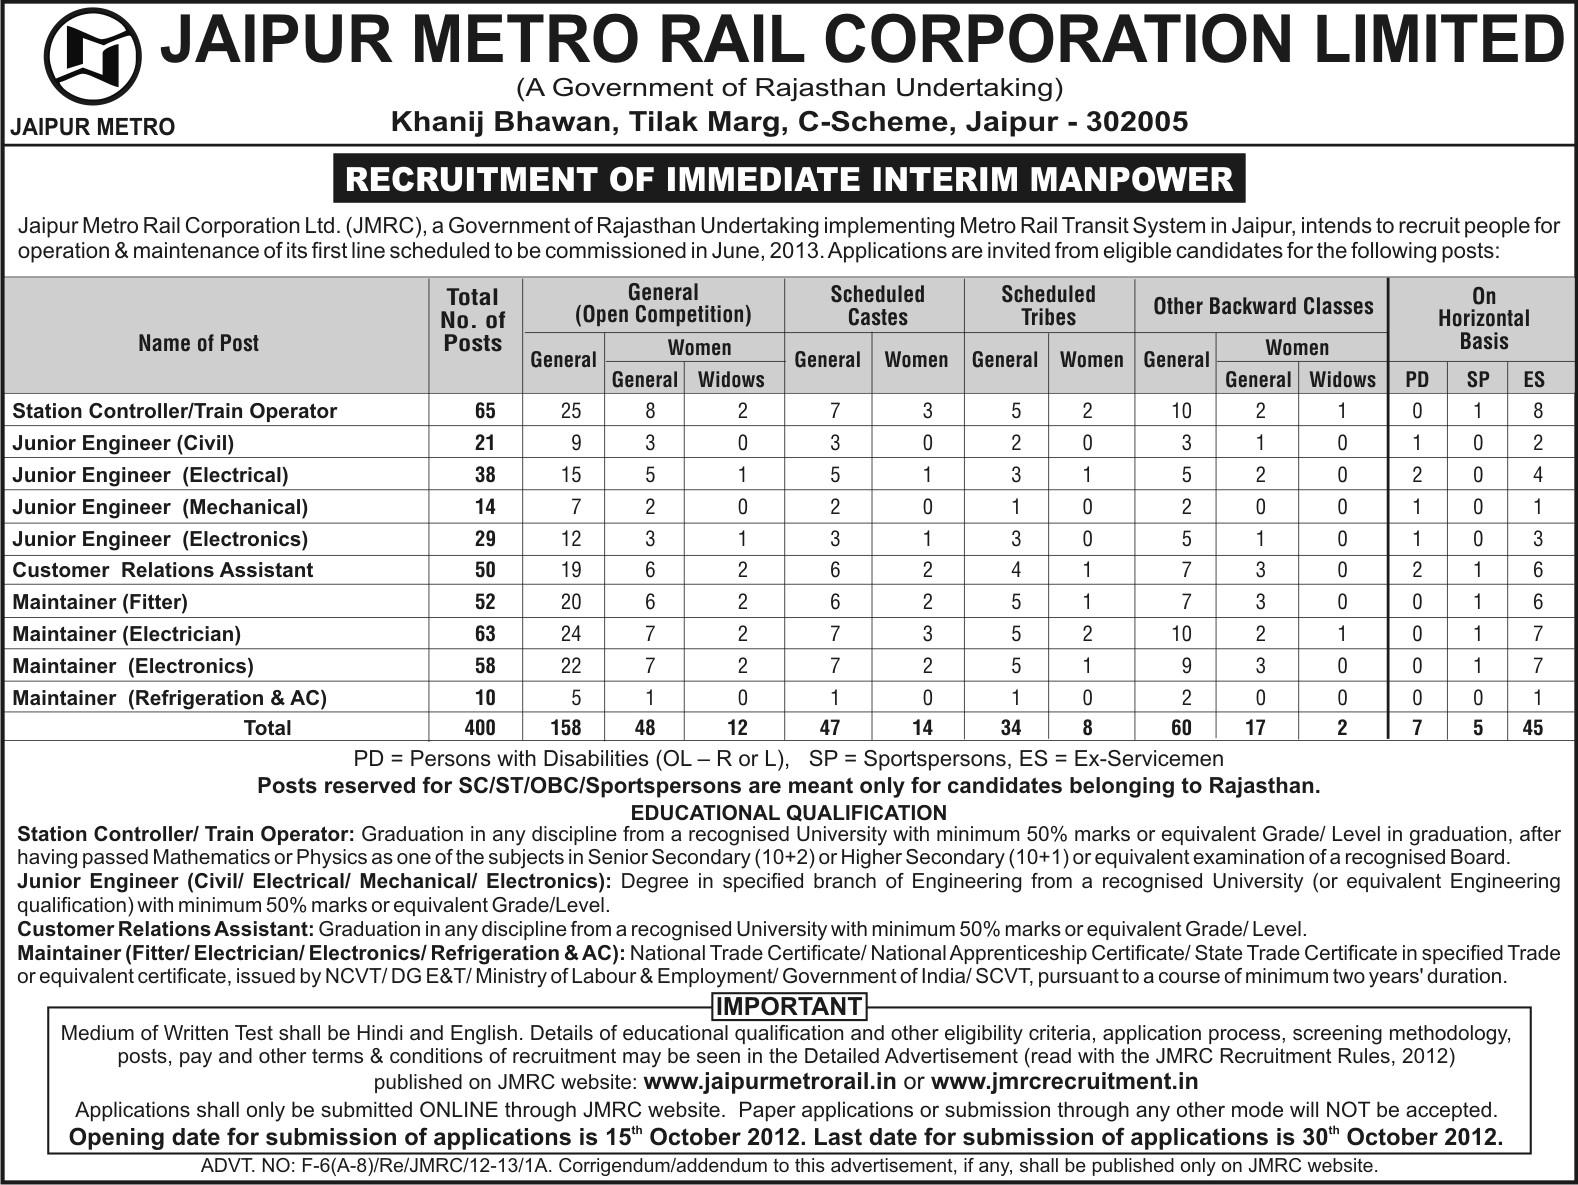 Metro Jaipur